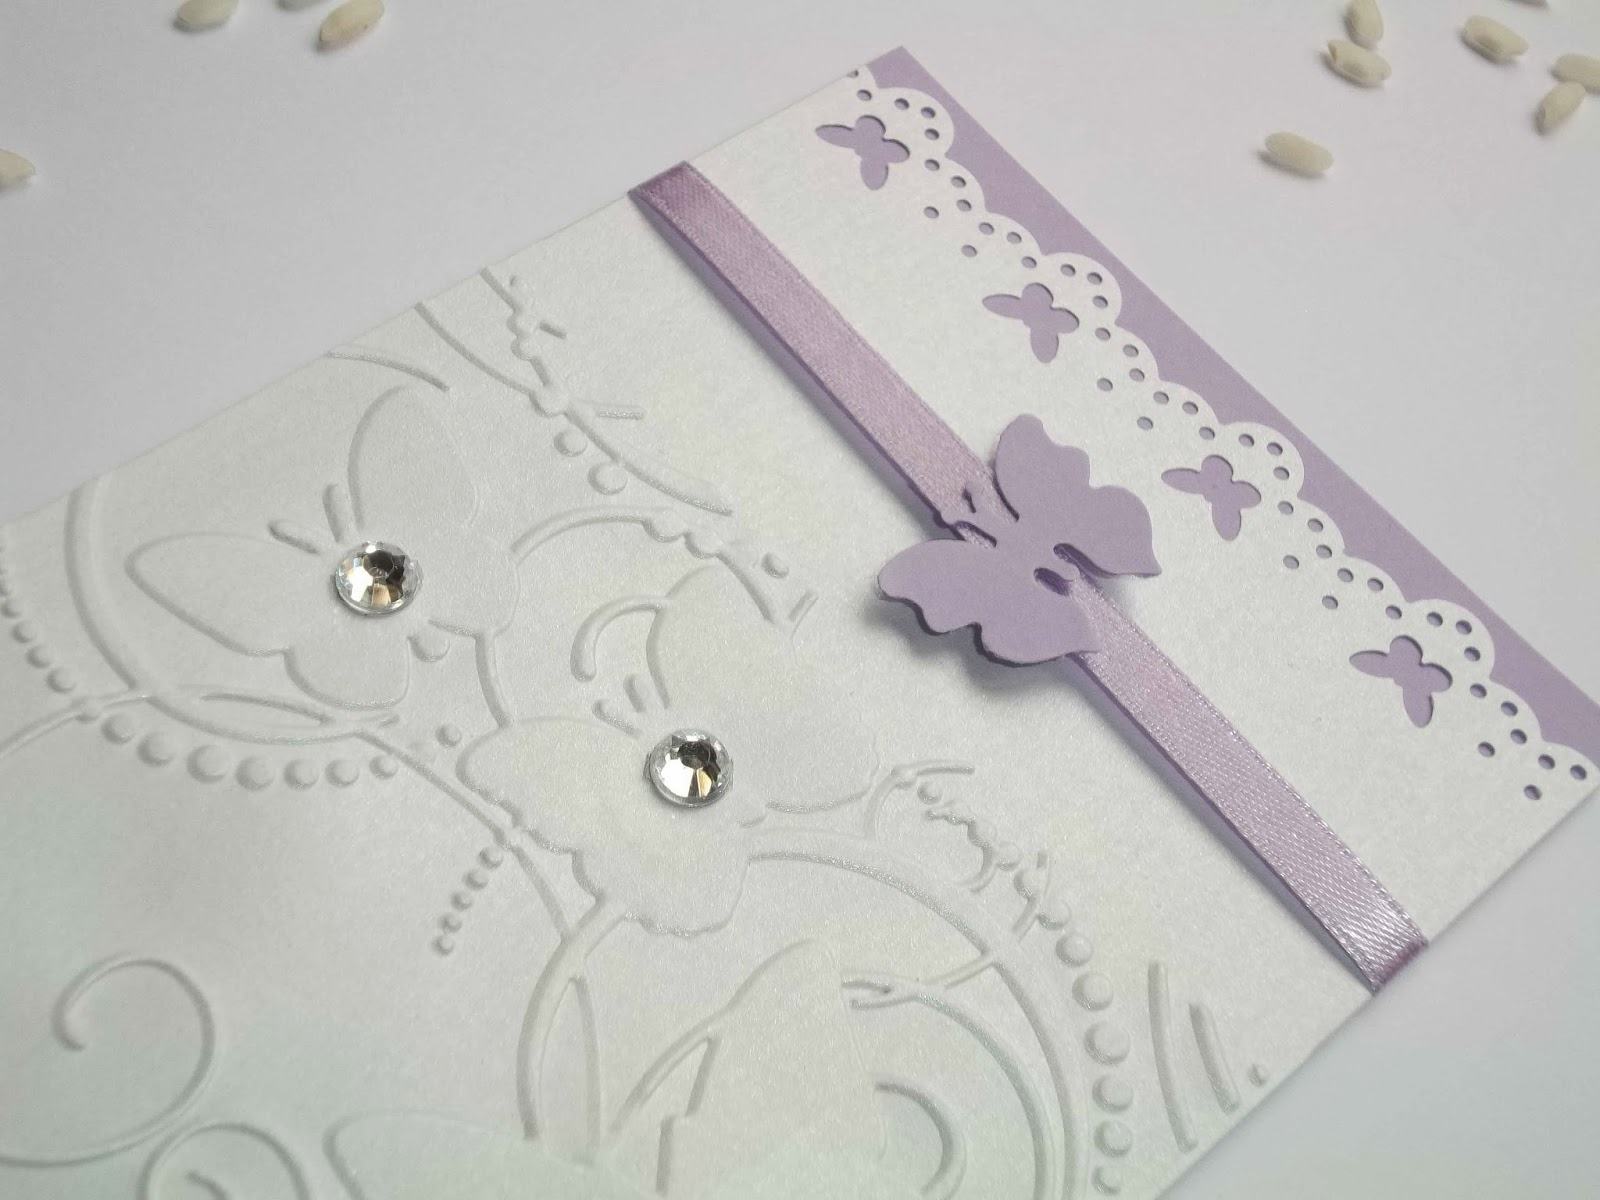 sempre in formato rettangolare, con copertina decorata da farfalle ...